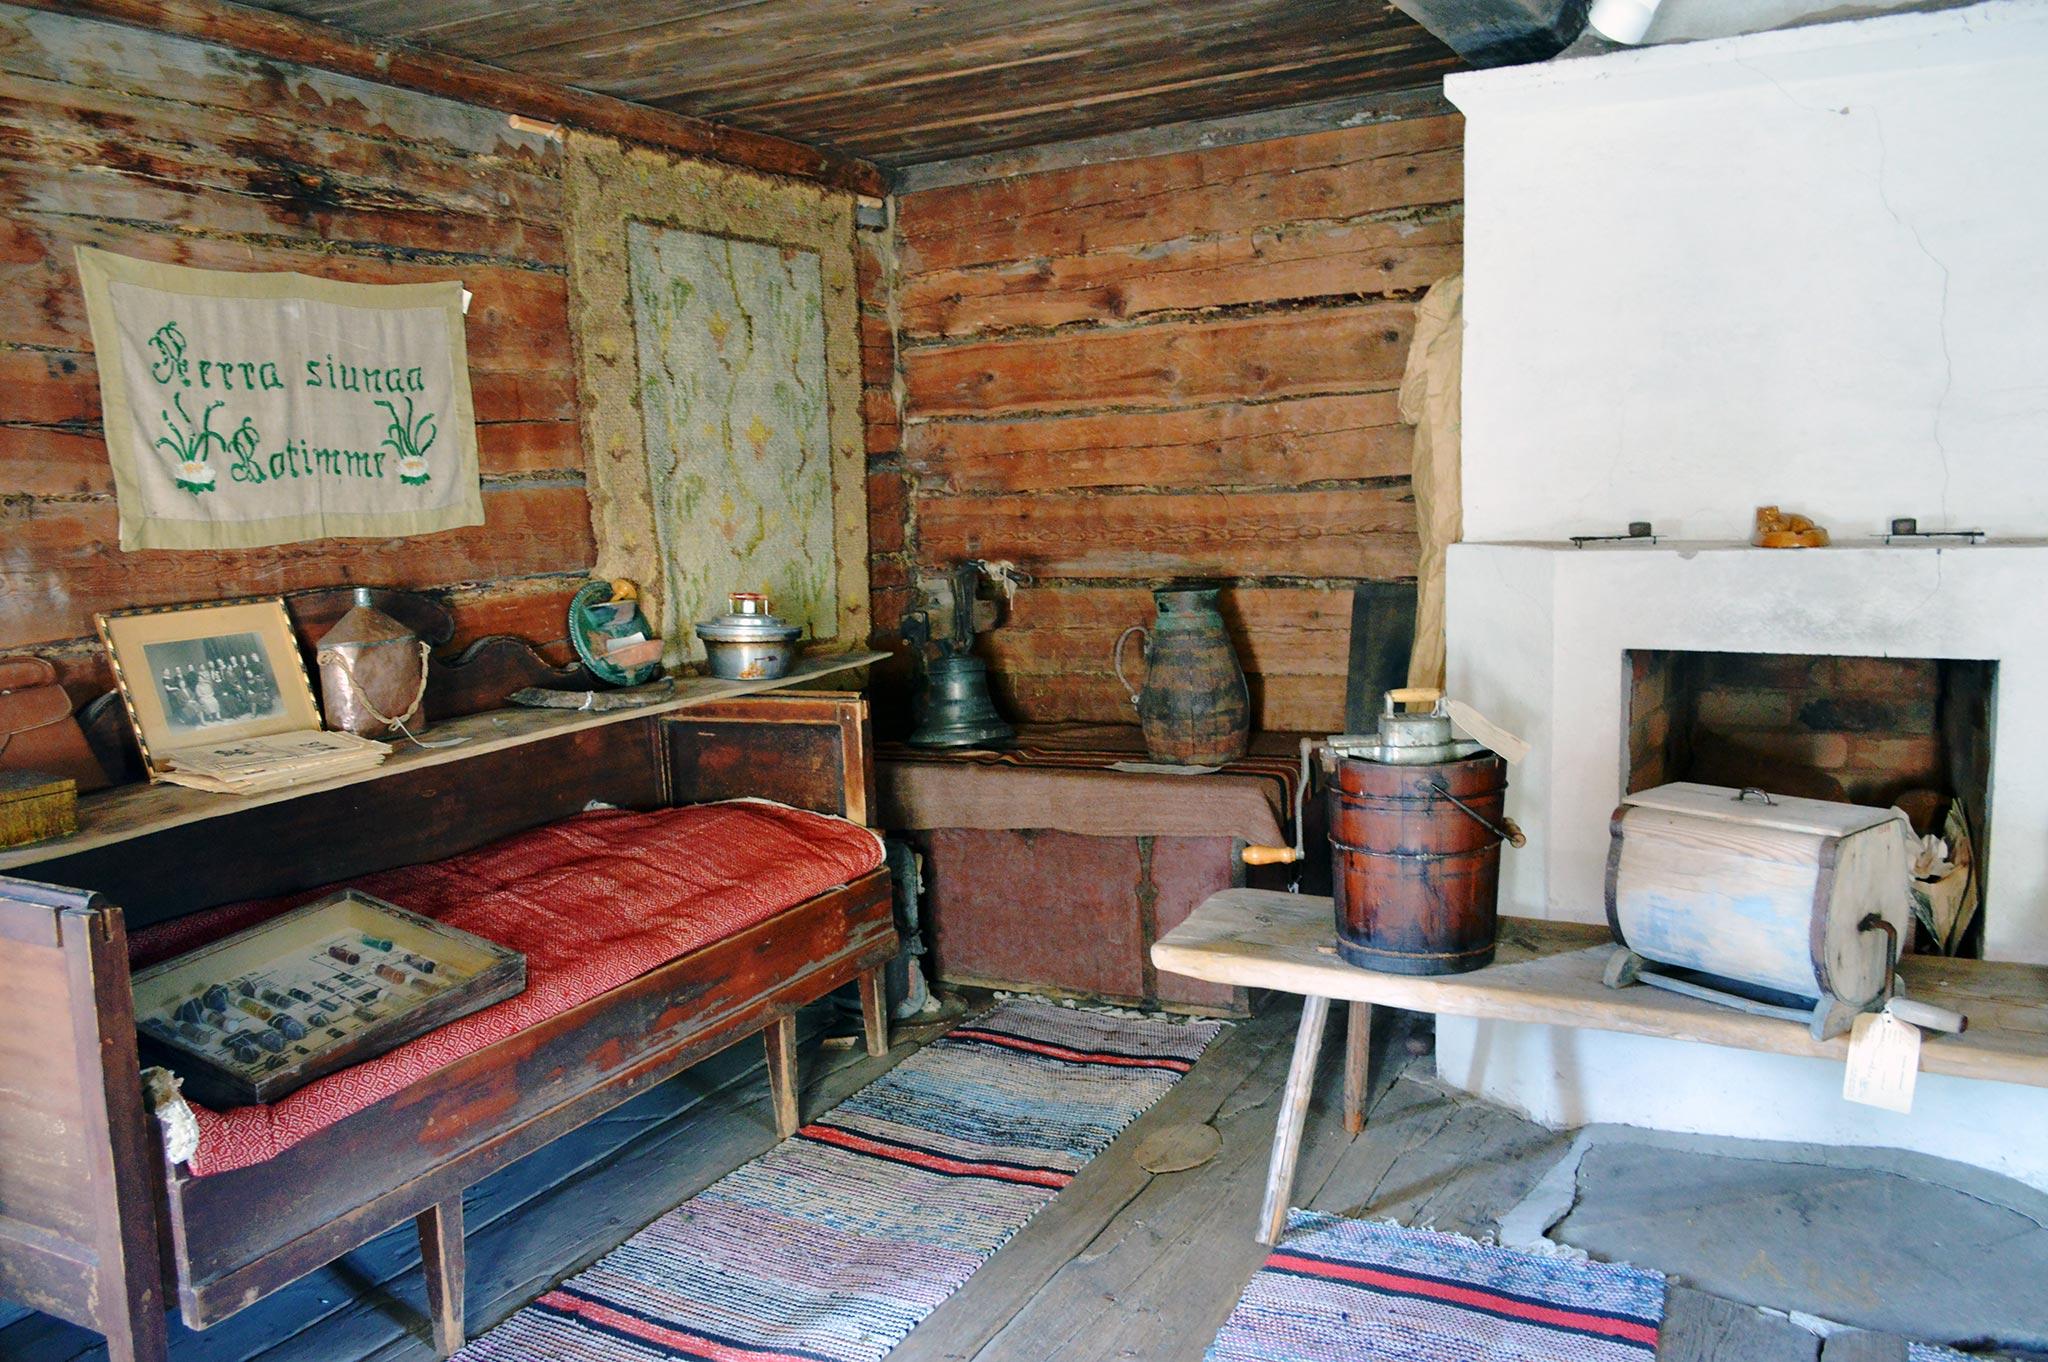 Riutan torpan päärakennus vuodelta 1823 on tuotu museoalueelle Someron Terttilän kylästä.